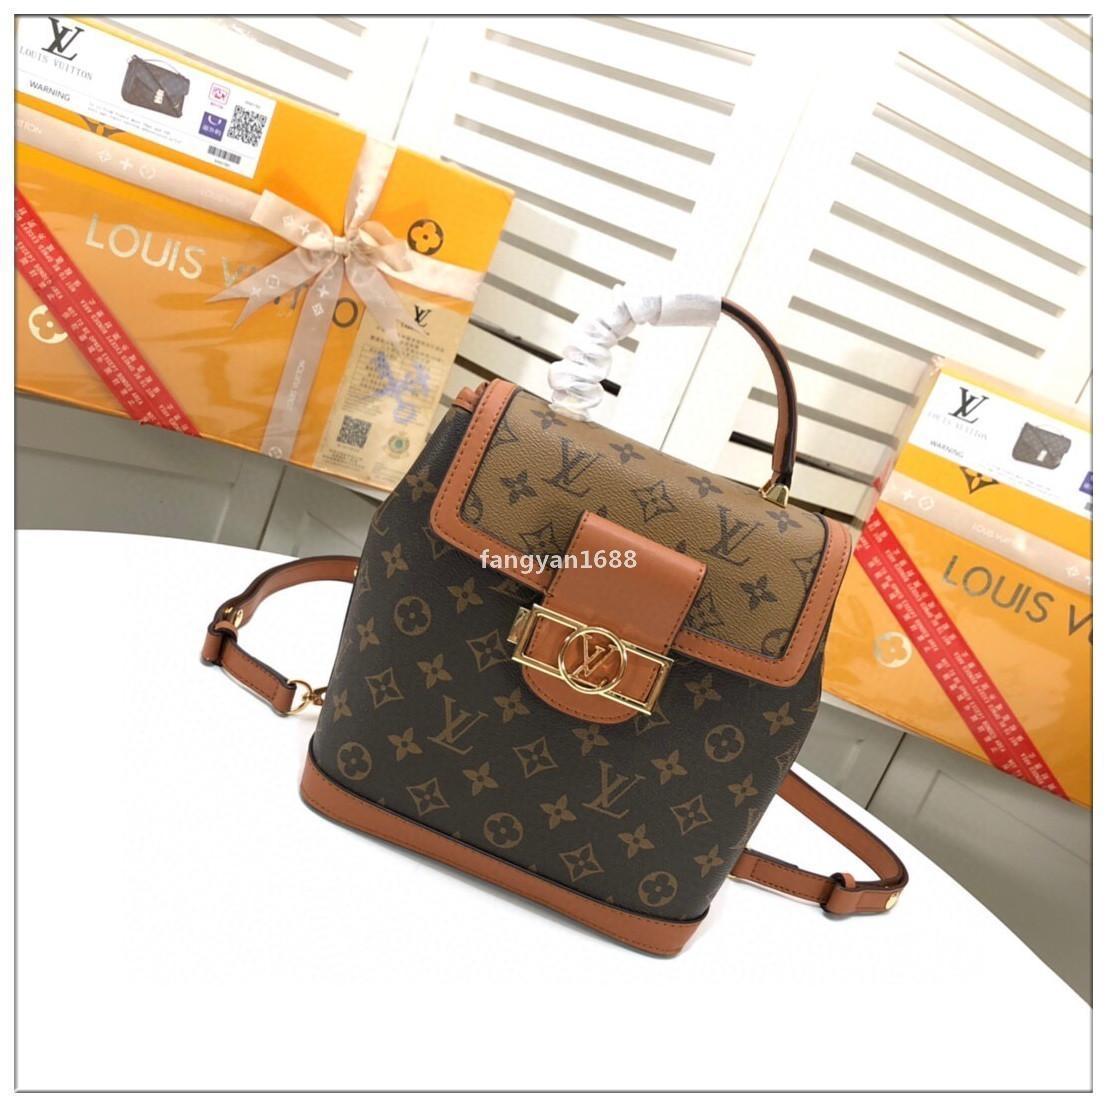 lussoprogettista f2Free shiopping 2020ss Moda borse brown catena famosa borsa a tracolla Marmont sacchetto del partito di lusso borse delle donne del progettista